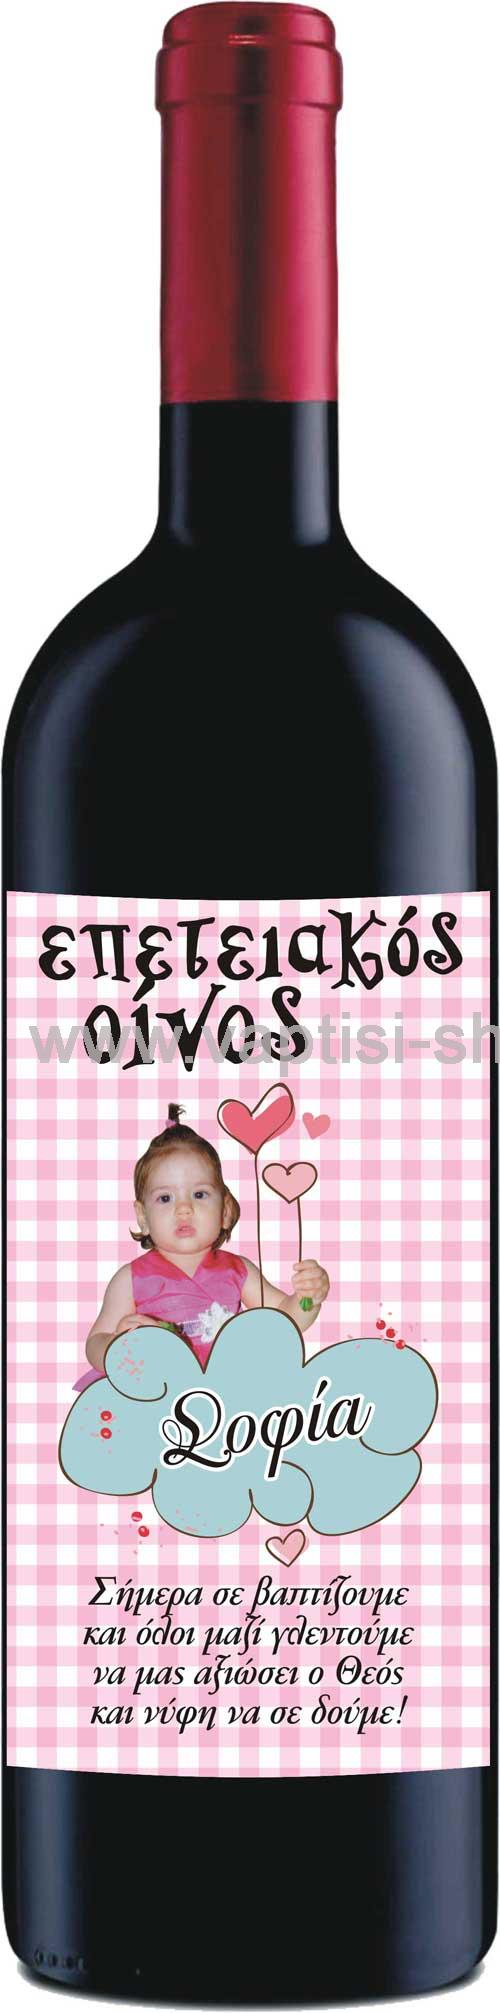 Ετικέτα Κρασιού  32